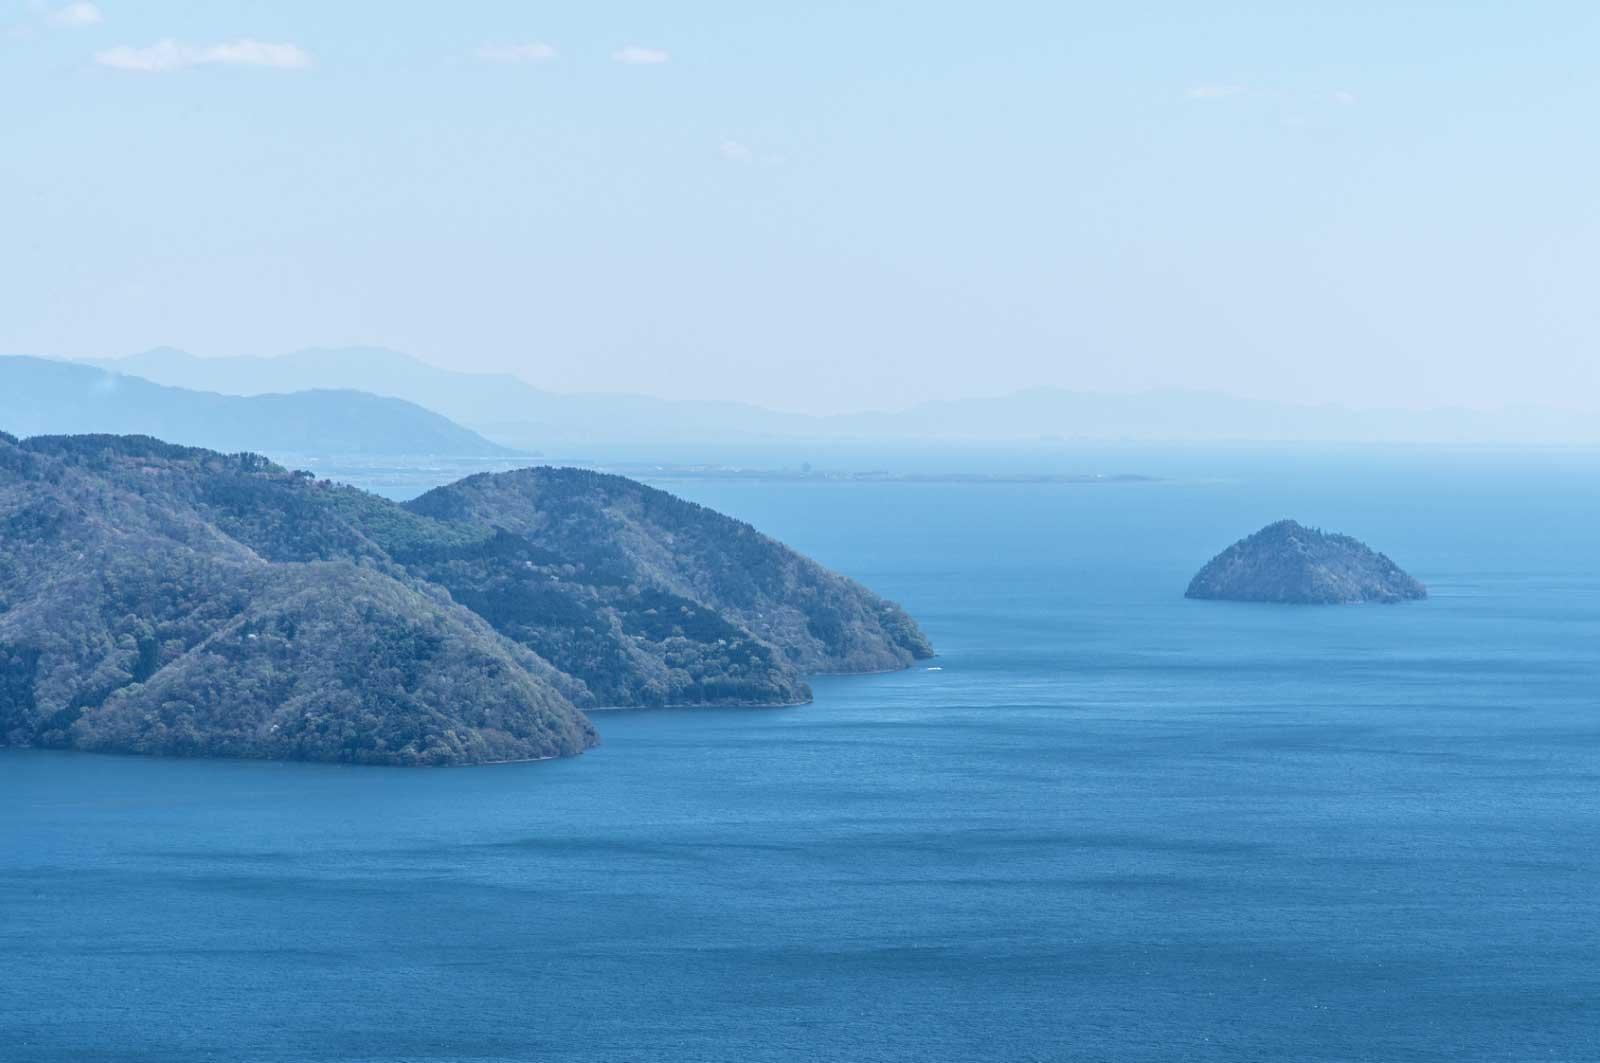 琵琶湖の島